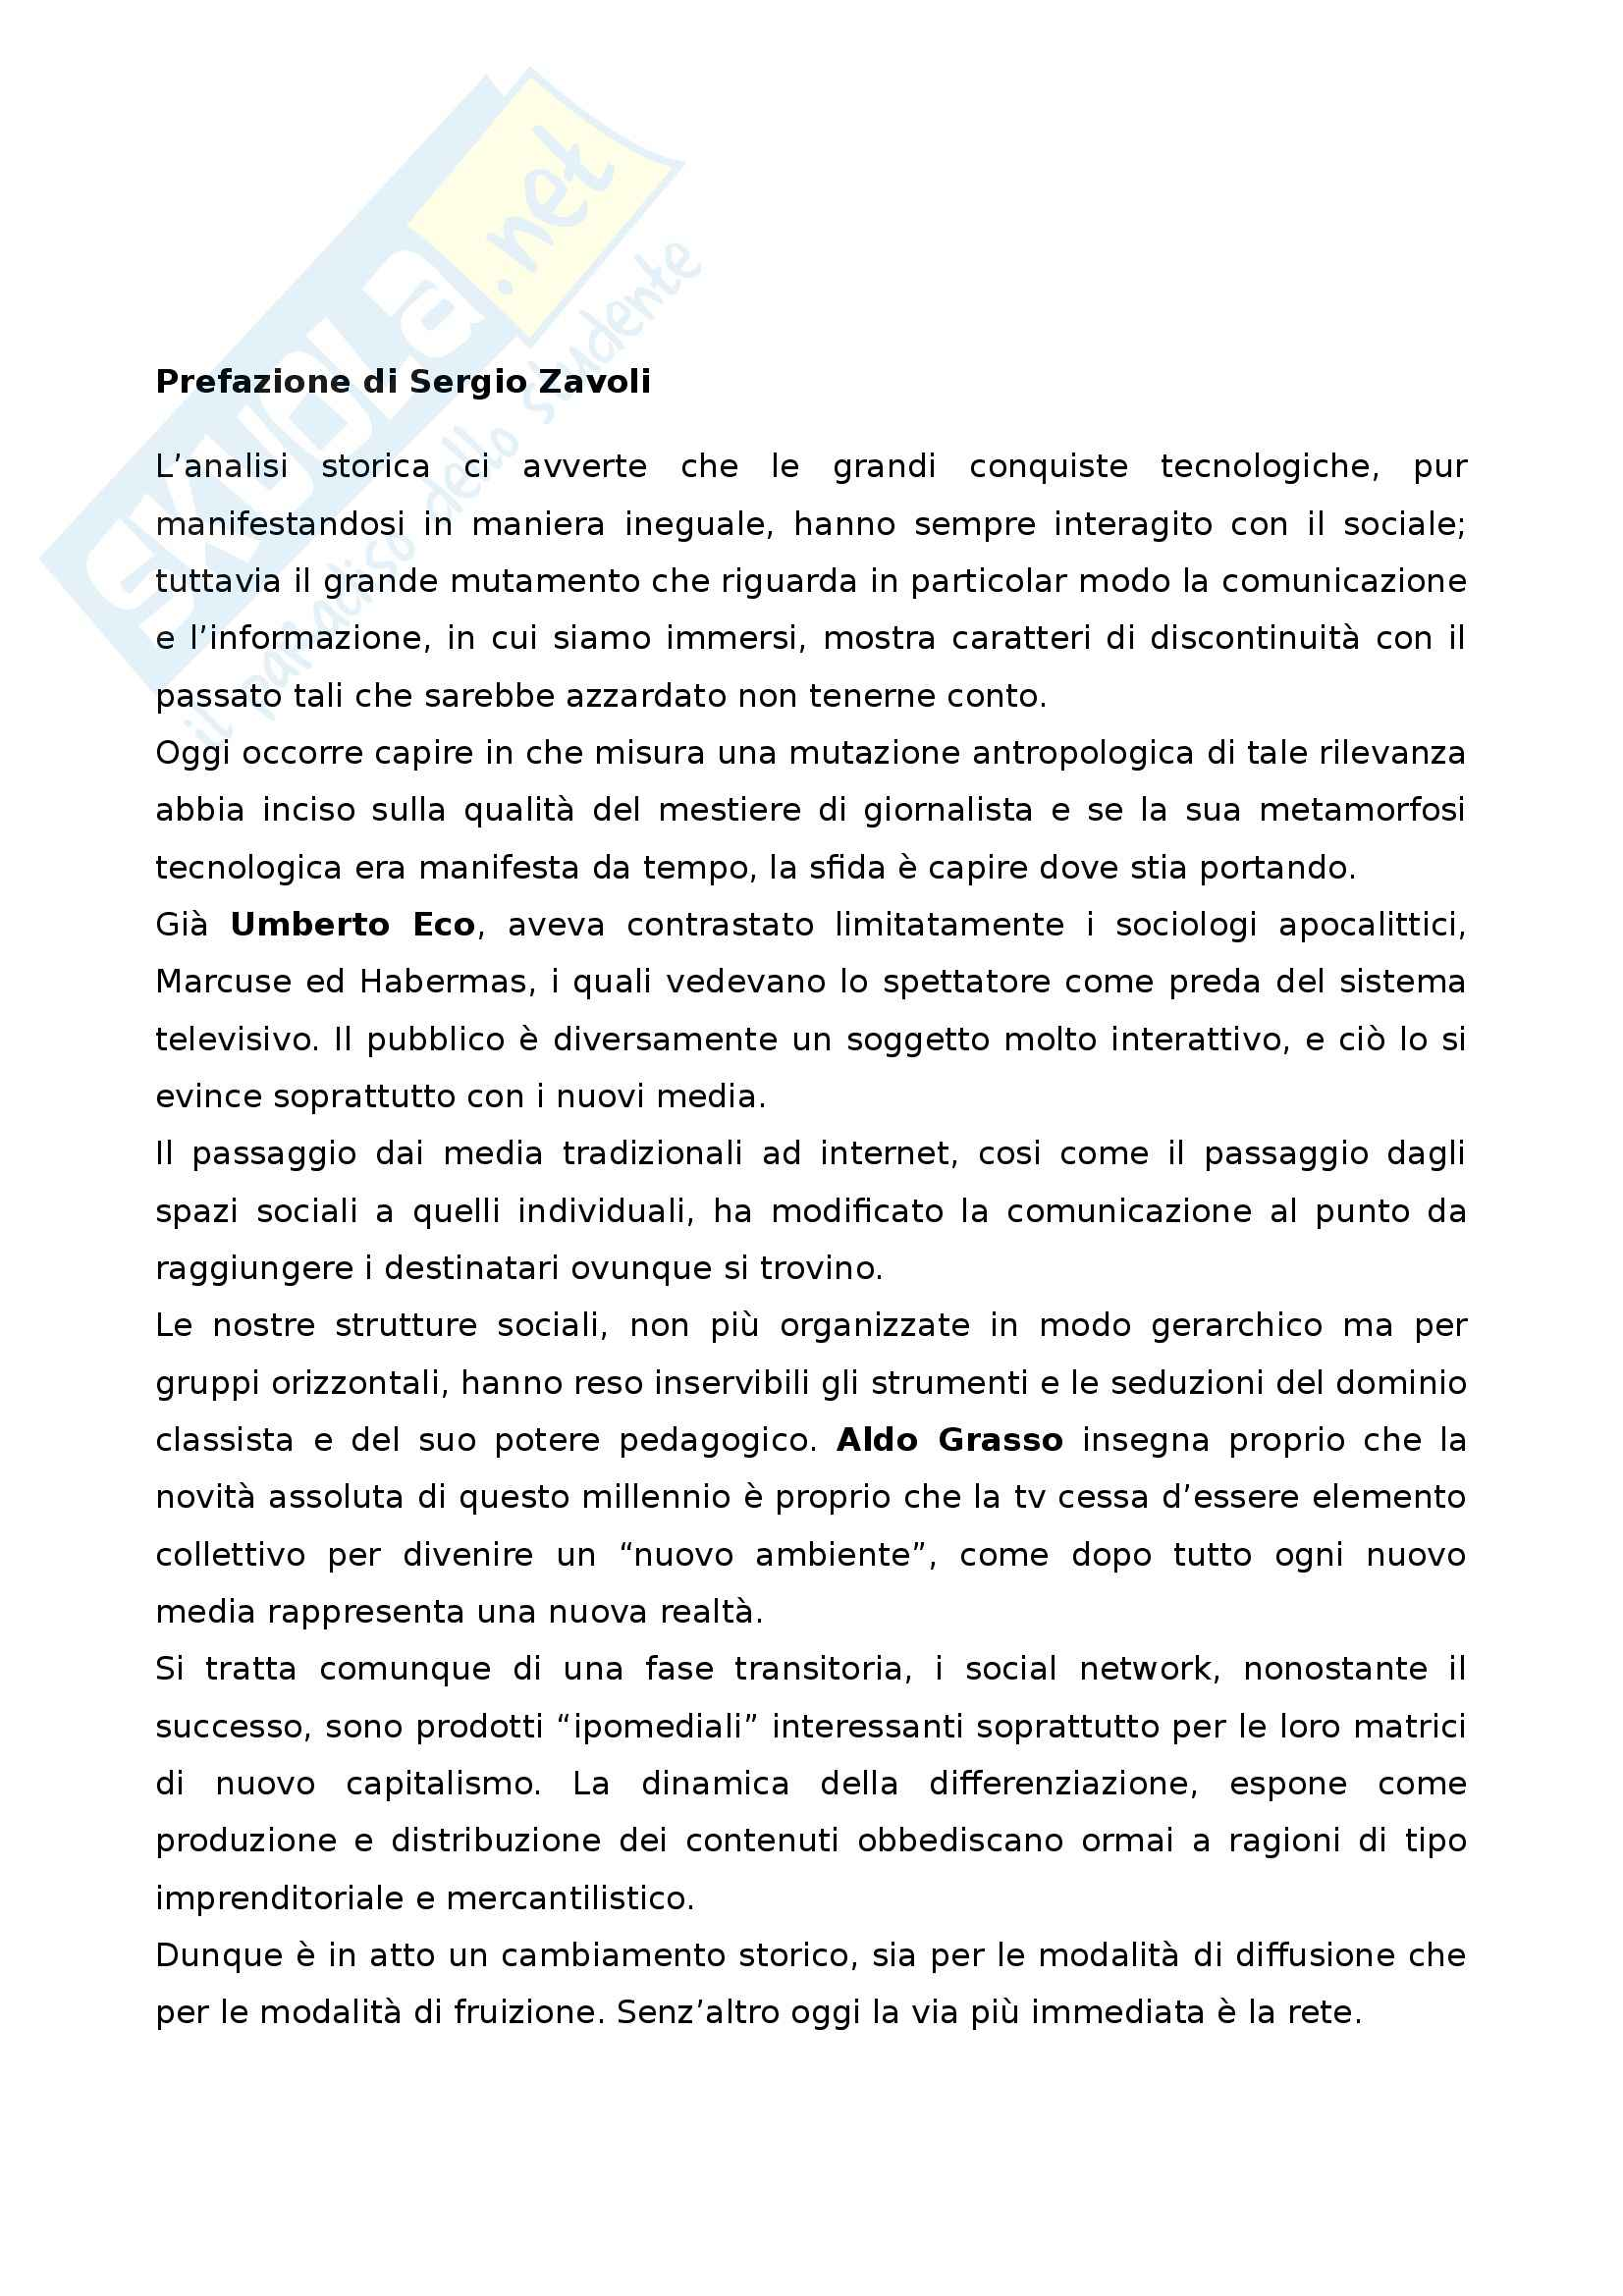 appunto M. Antenore Media partecipativi e giornalismo digitale